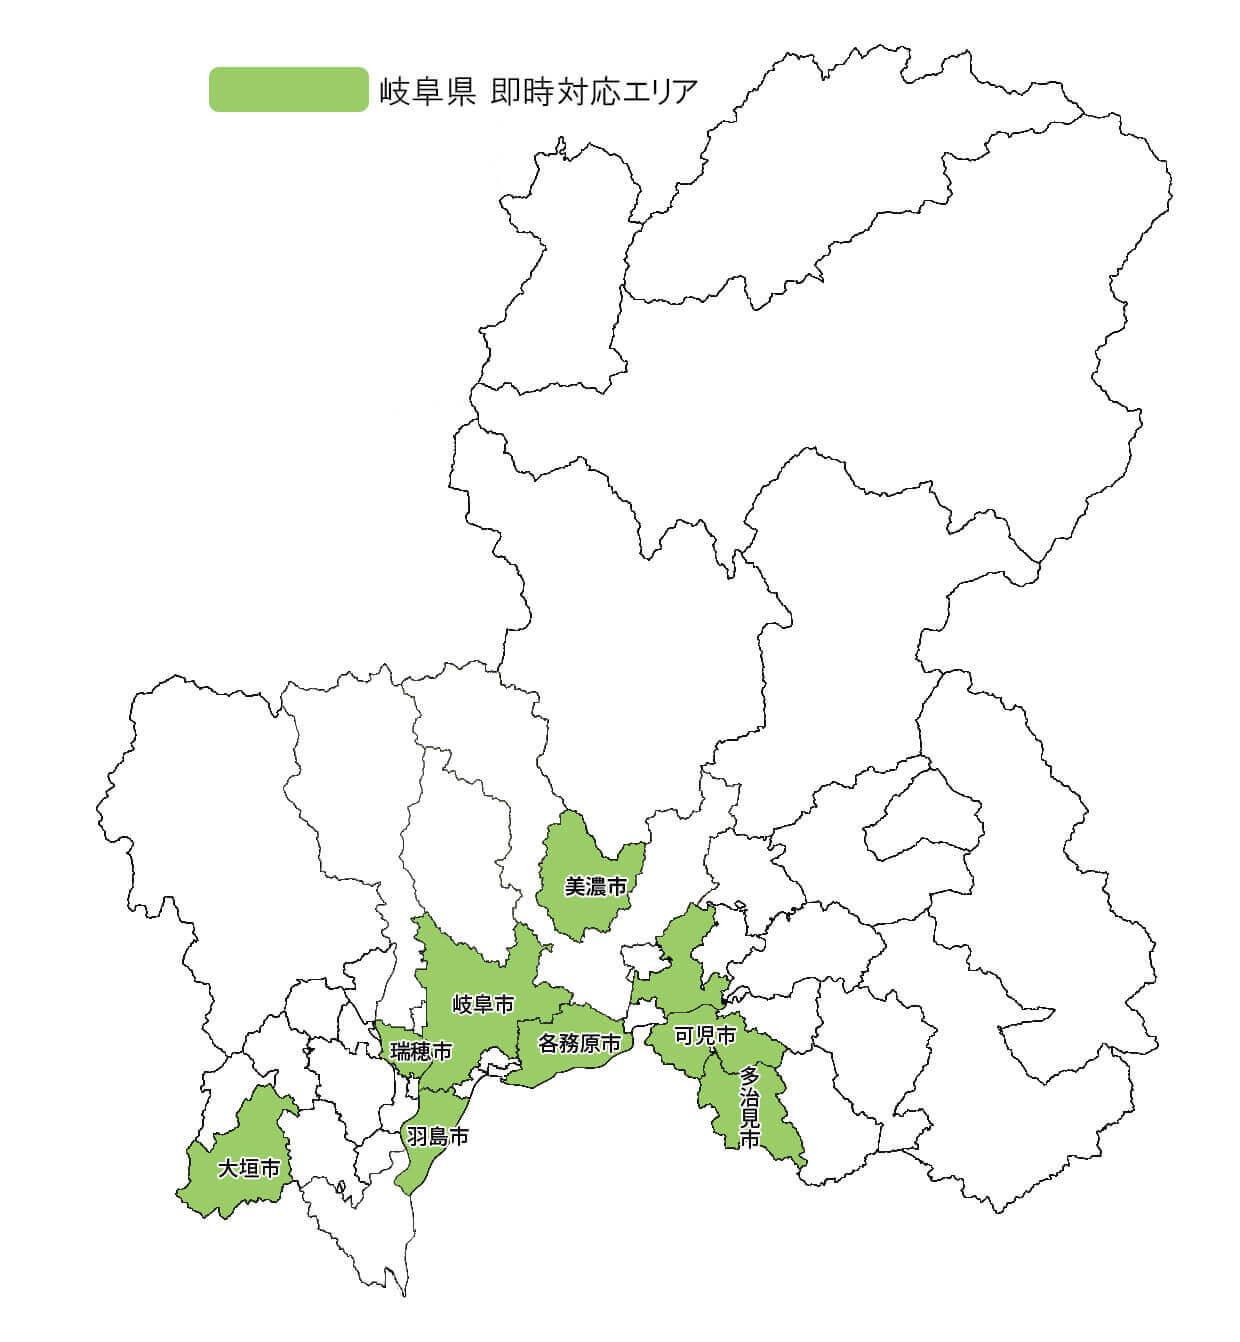 岐阜県即時対応エリアマップ